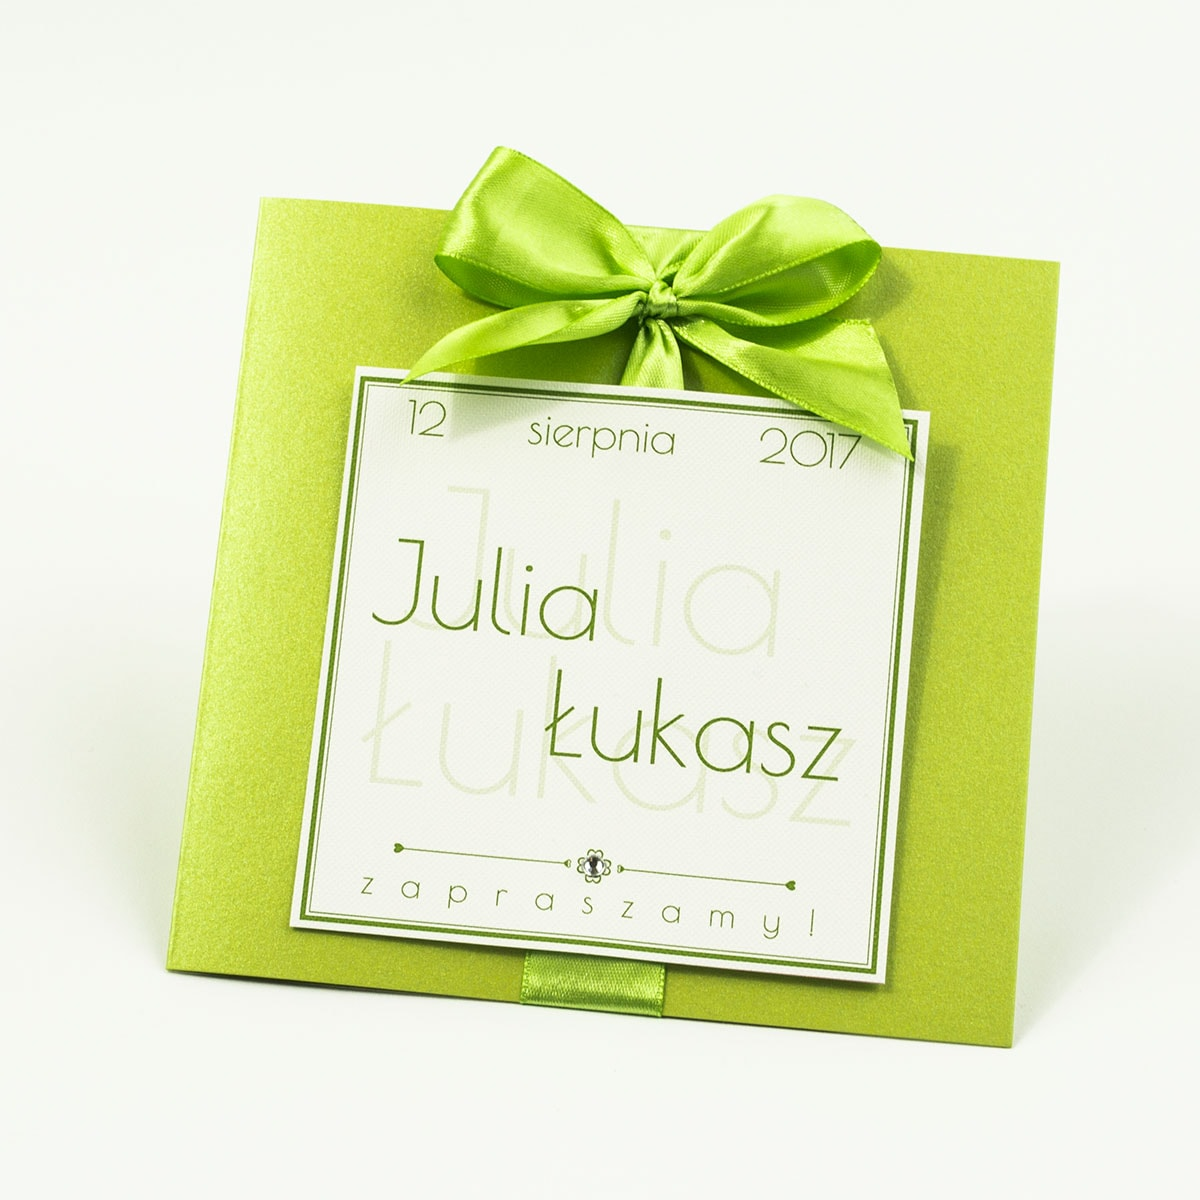 Zaproszenia ślubne na zielonym papierze perłowym, ze wstążką w kolorze zielonym i cyrkonią oraz wklejanym wnętrzem. ZAP-61-72